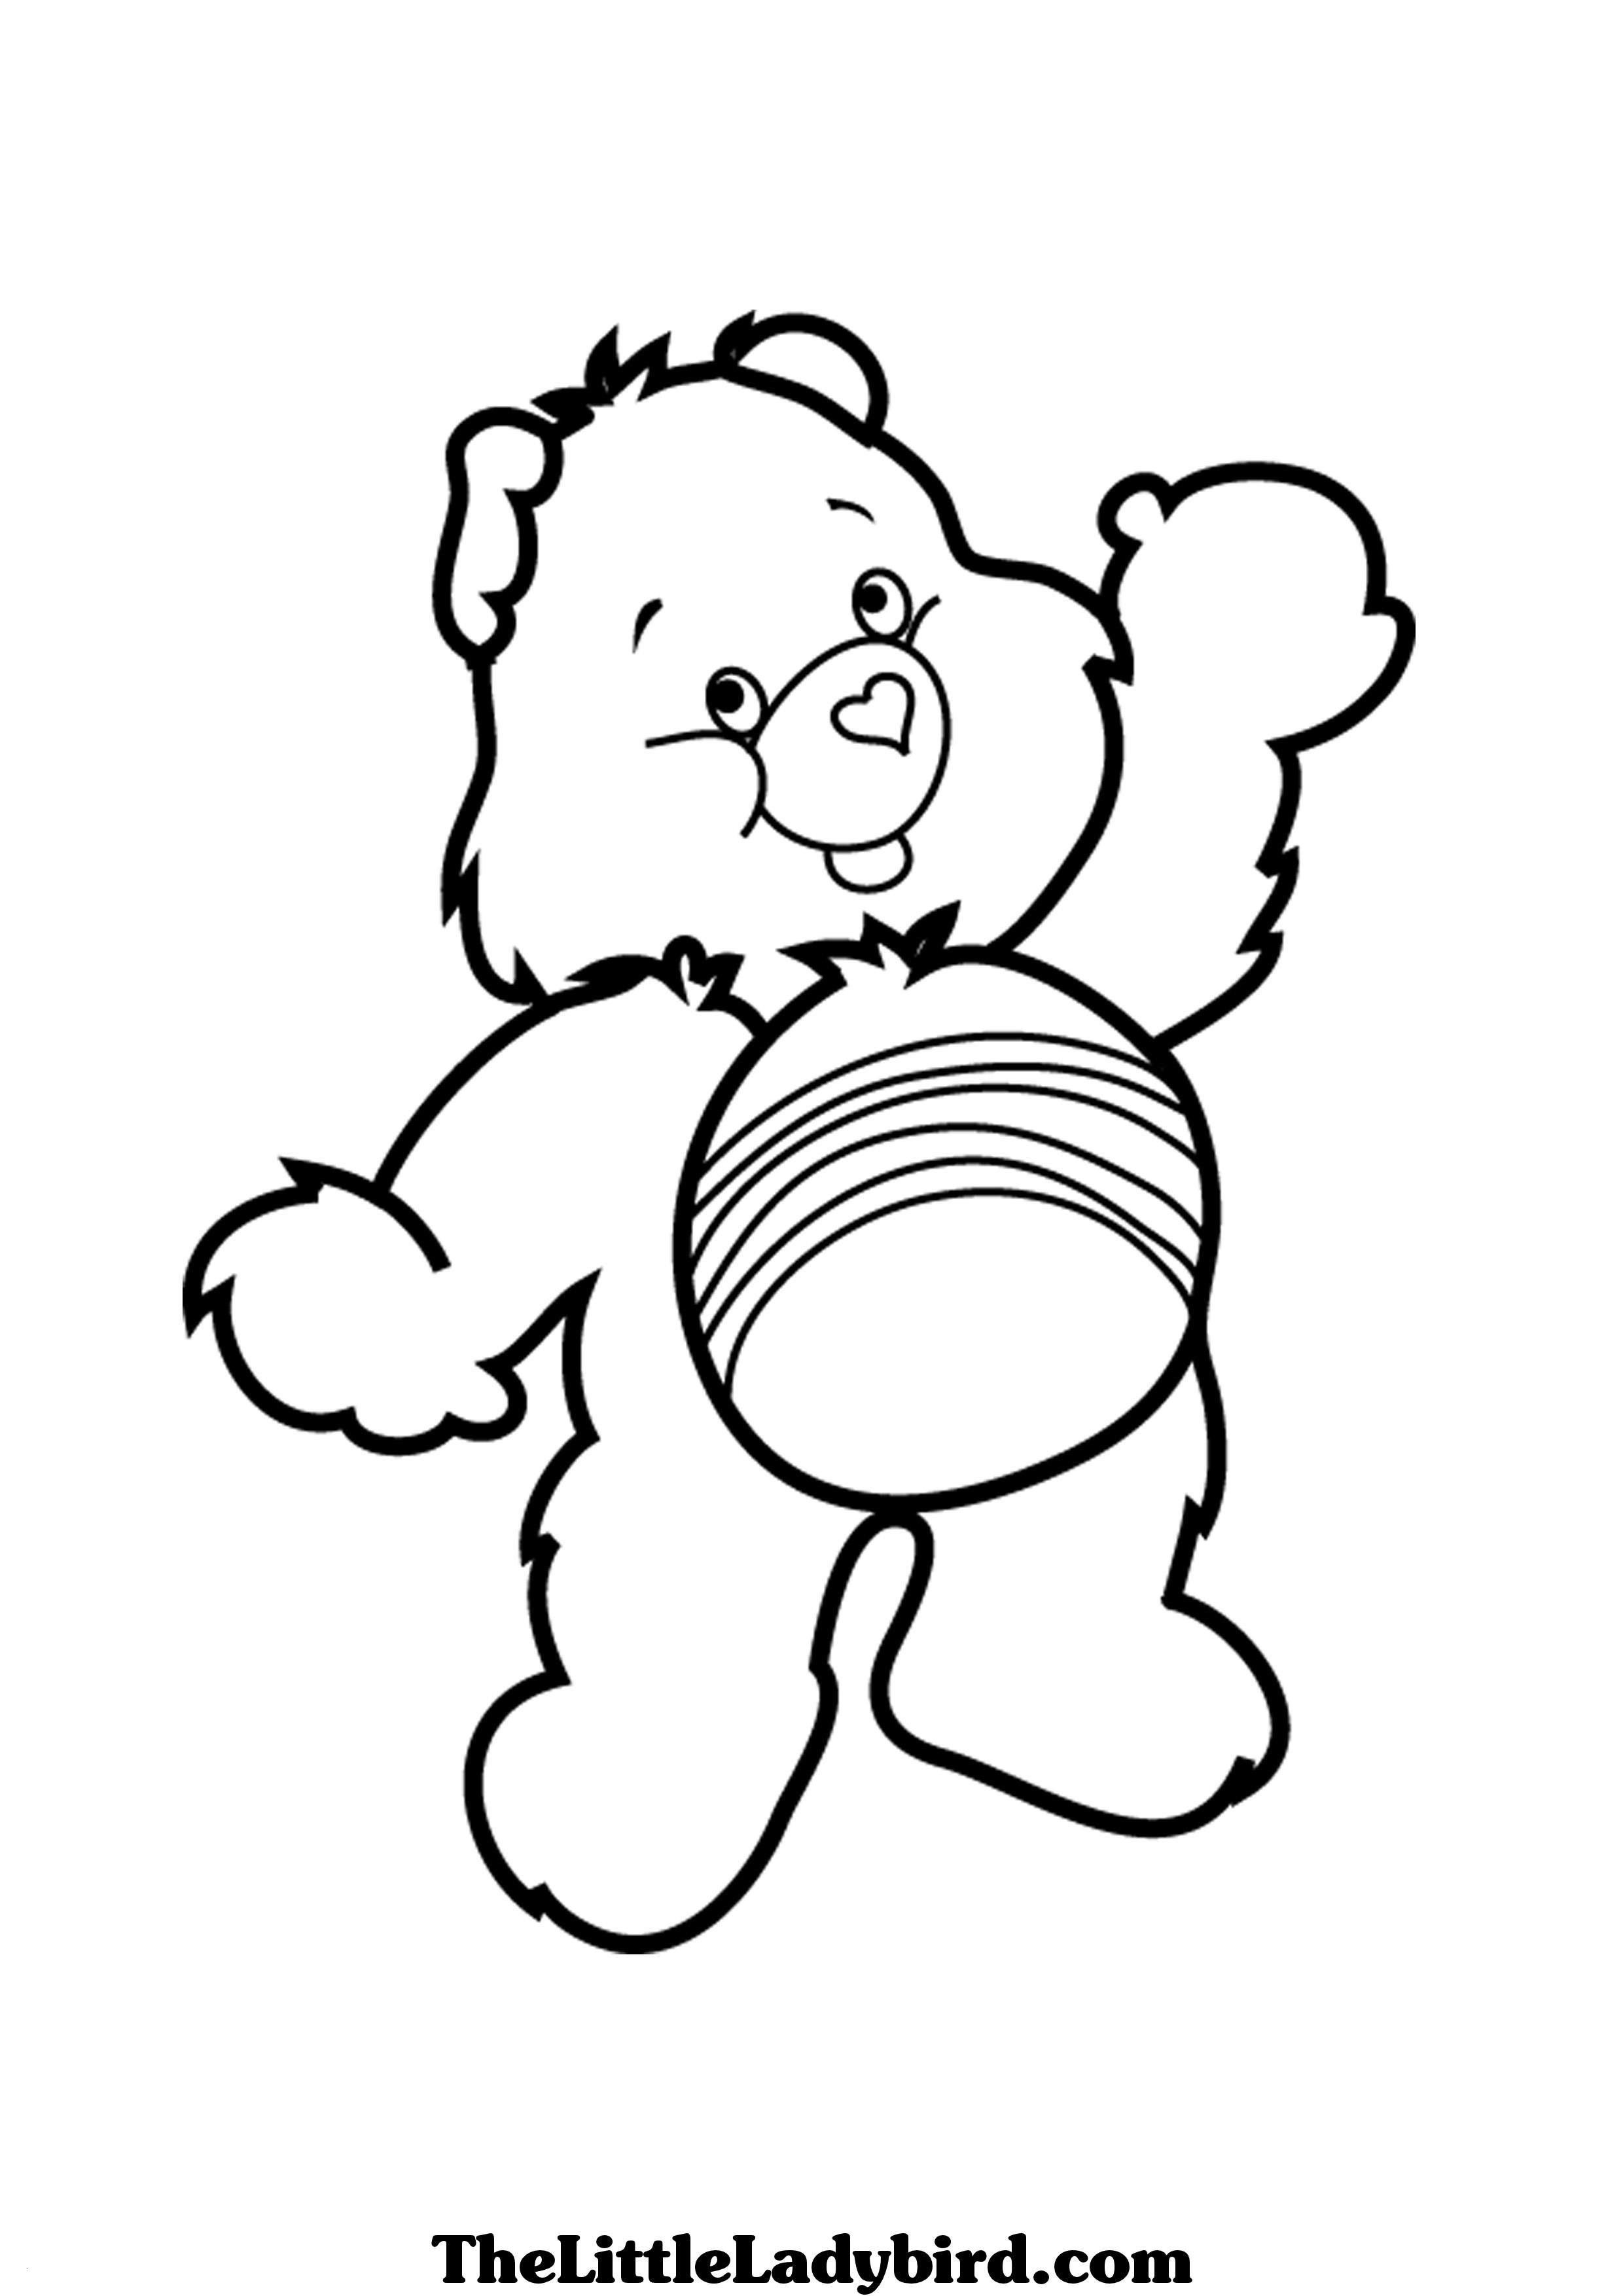 Biene Maja Ausmalbild Frisch 40 Ausmalbilder Emoji Scoredatscore Elegant Hello Kitty Ausmalbilder Stock